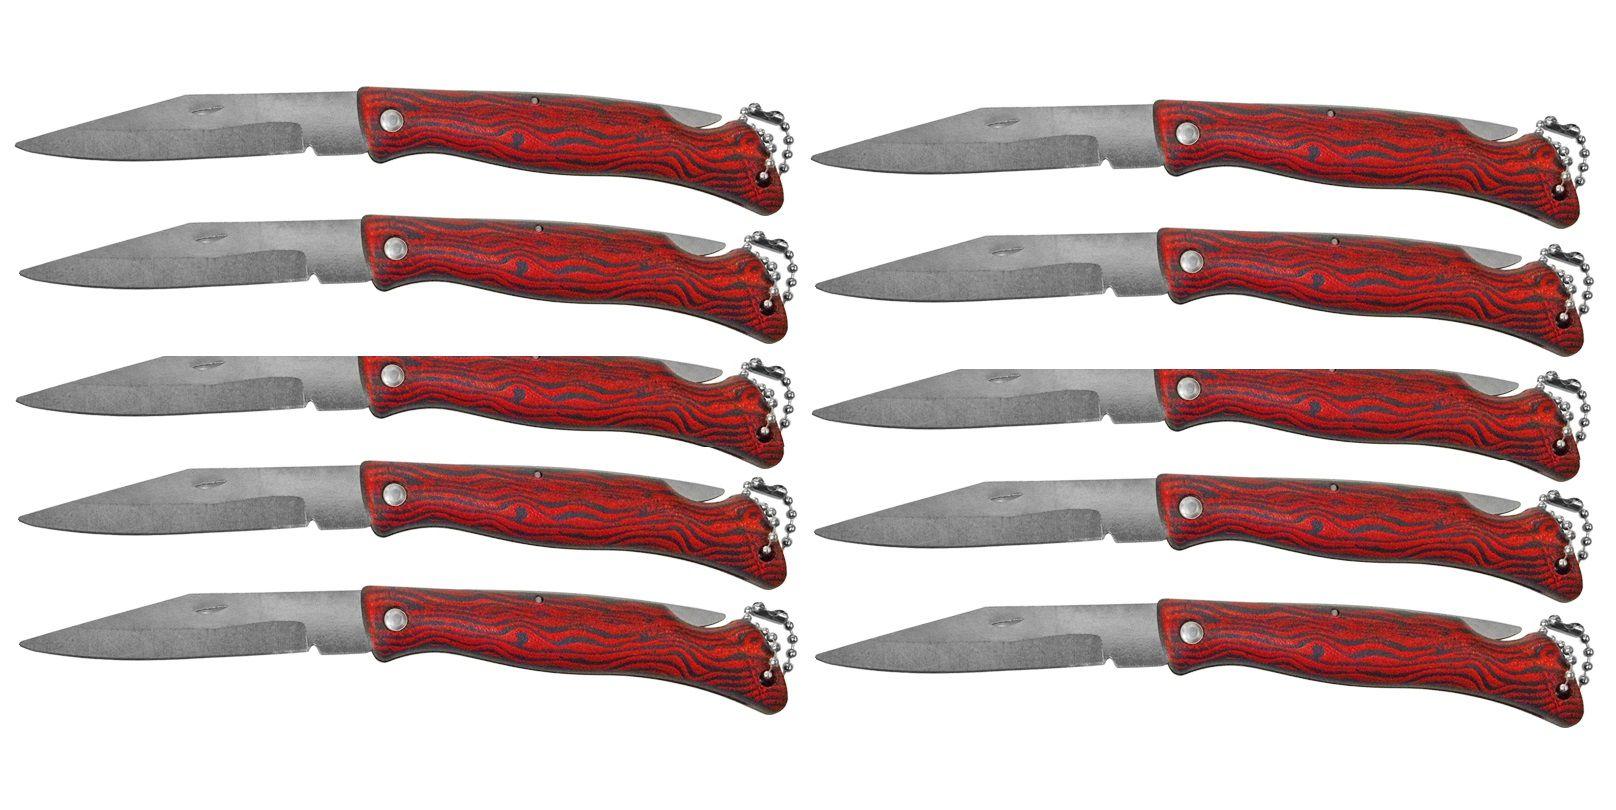 Kit 10 Canivetes Xingu XV2845 - Cabo Amadeirado